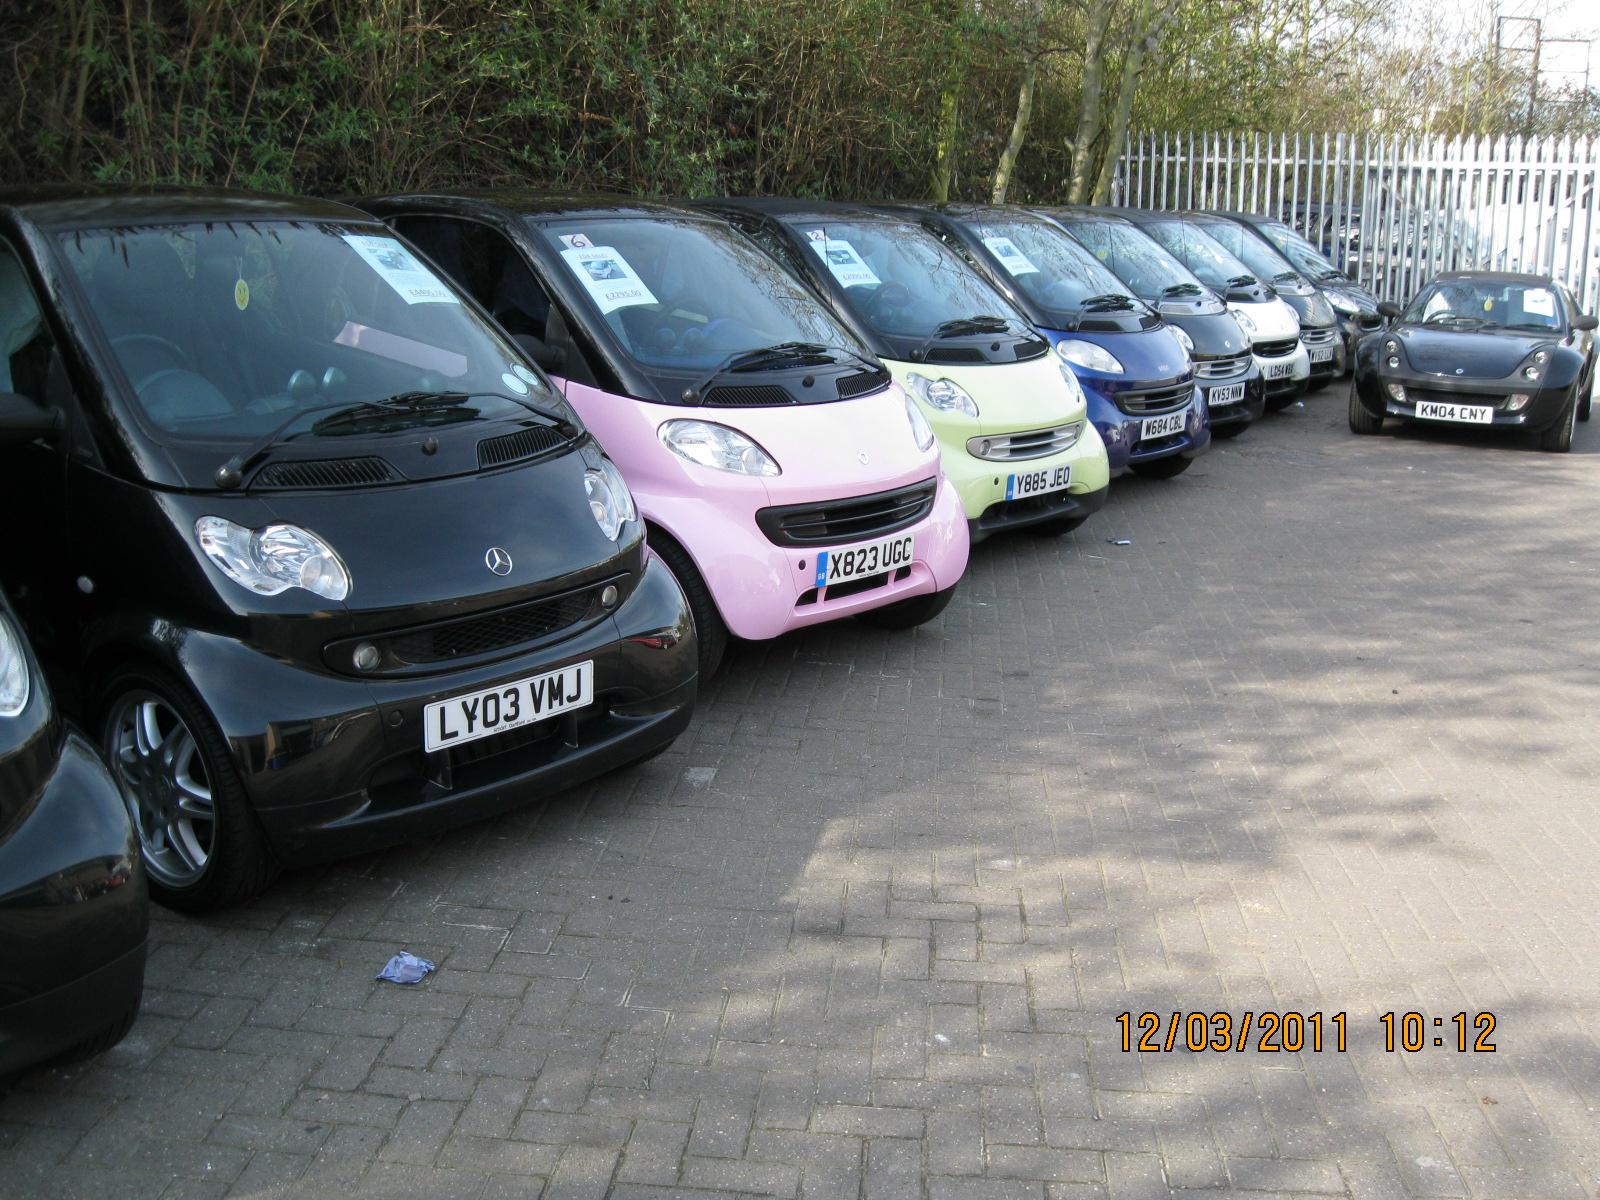 used smart cars for sale kent smart car engines. Black Bedroom Furniture Sets. Home Design Ideas